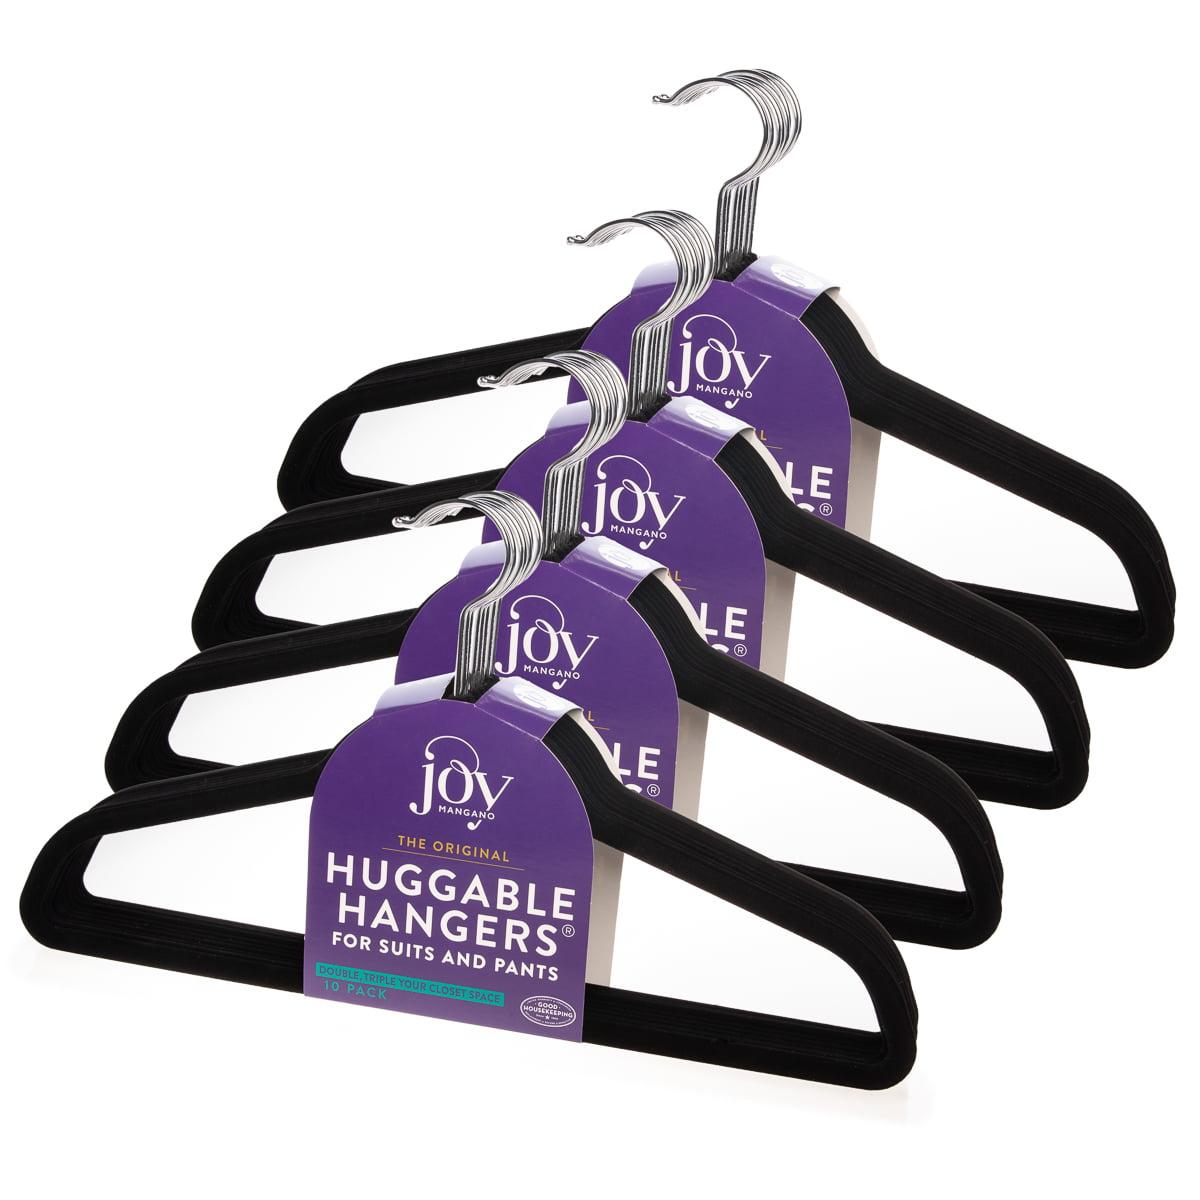 Joy Mangano (40 Count) Huggable Hangers Felt Black Velvet Hangers Space Saving Coat Hanger Non Slip